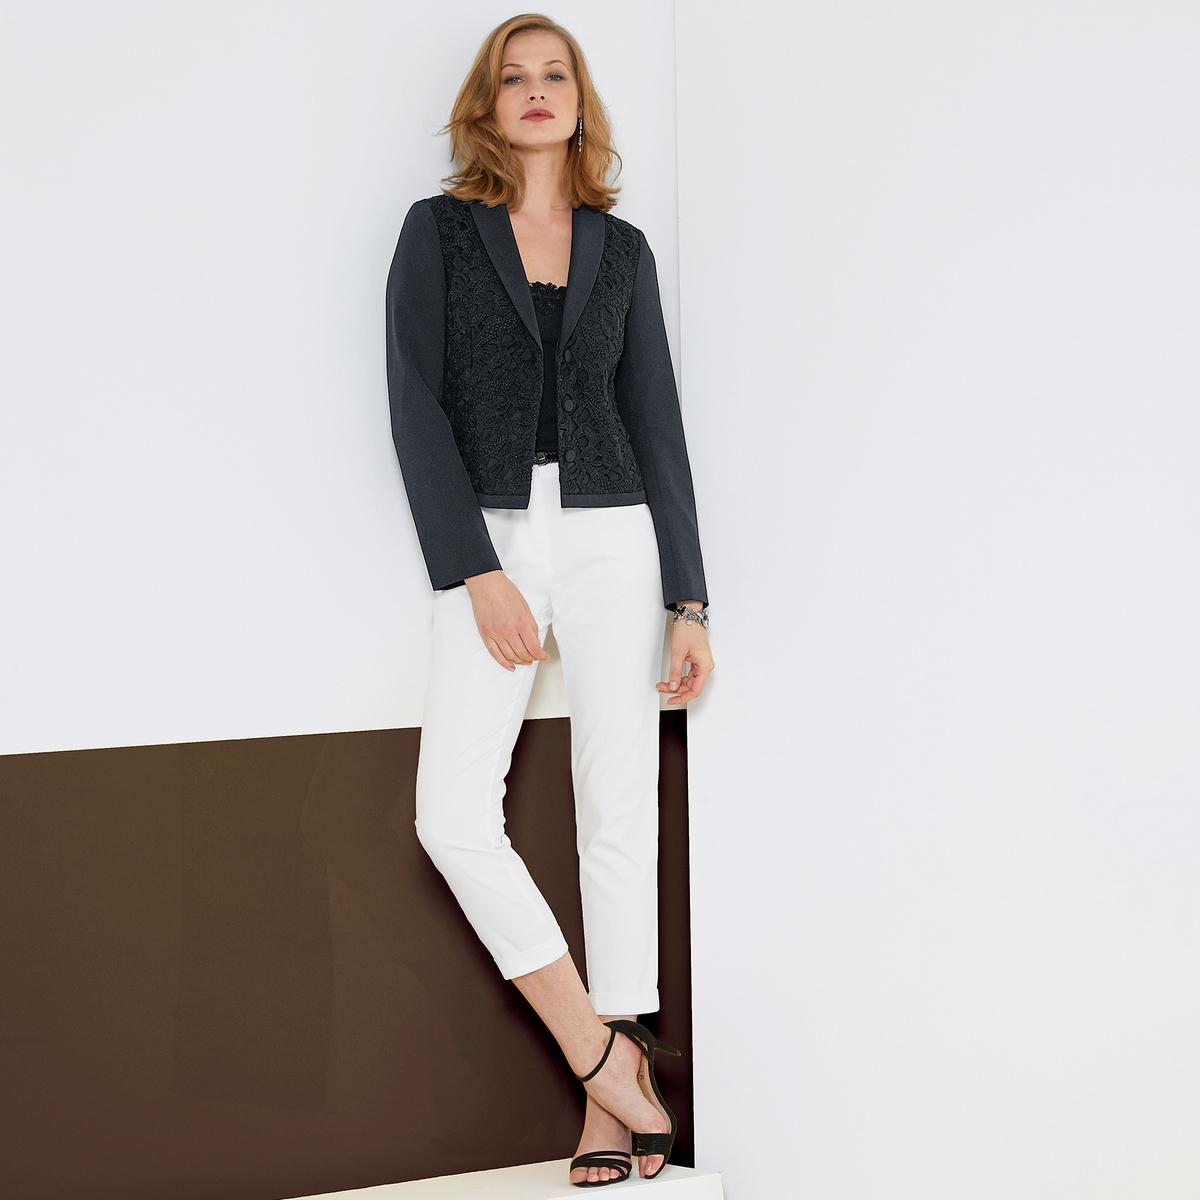 Imagen adicional 3 de producto de Pantalón recto con bolsillos fantasía - Anne weyburn